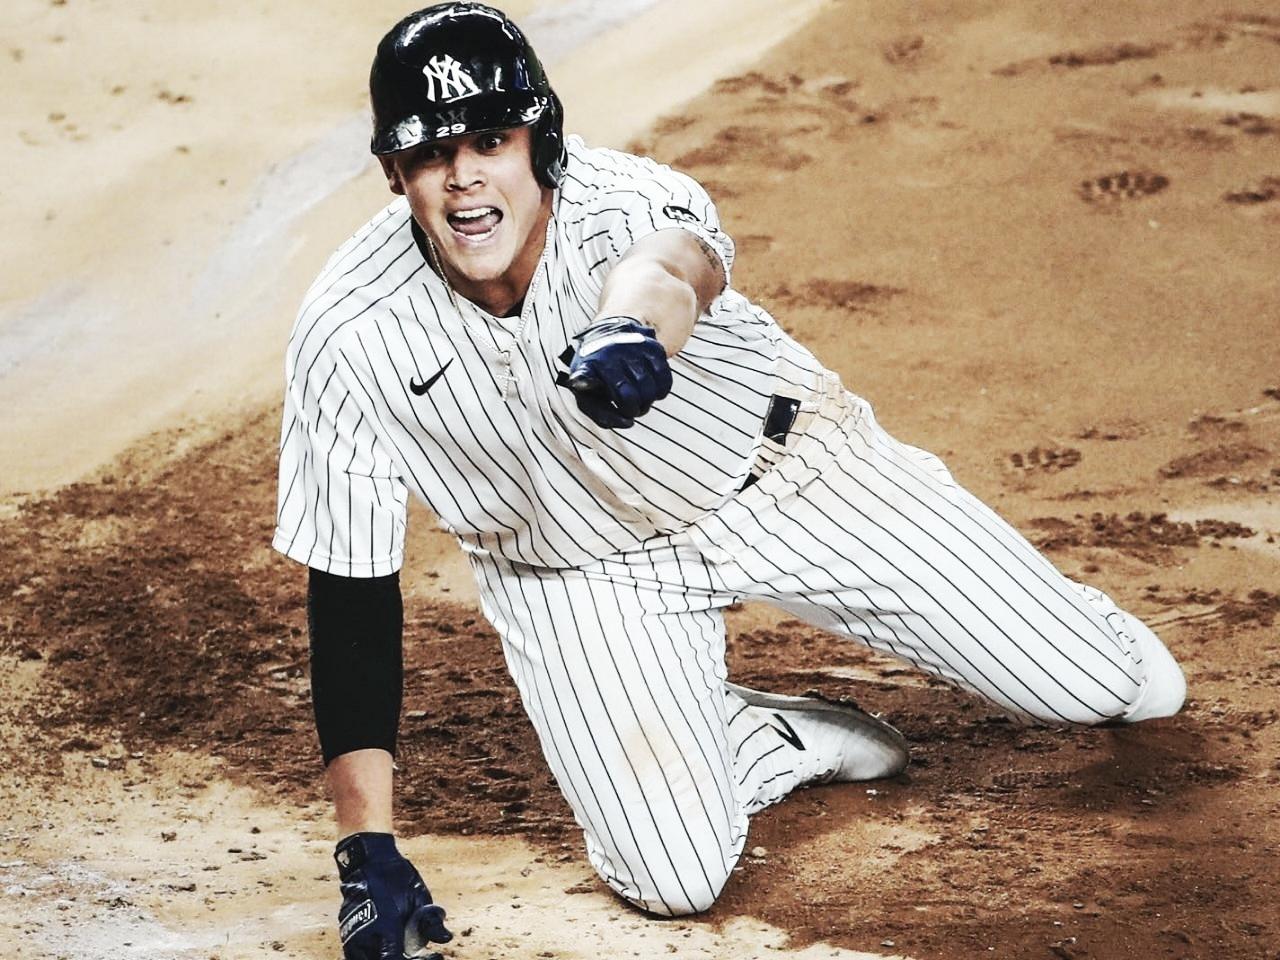 Con batazo de Giovanny Urshela, los Yankees vencen a los Rays de Tampa Bay